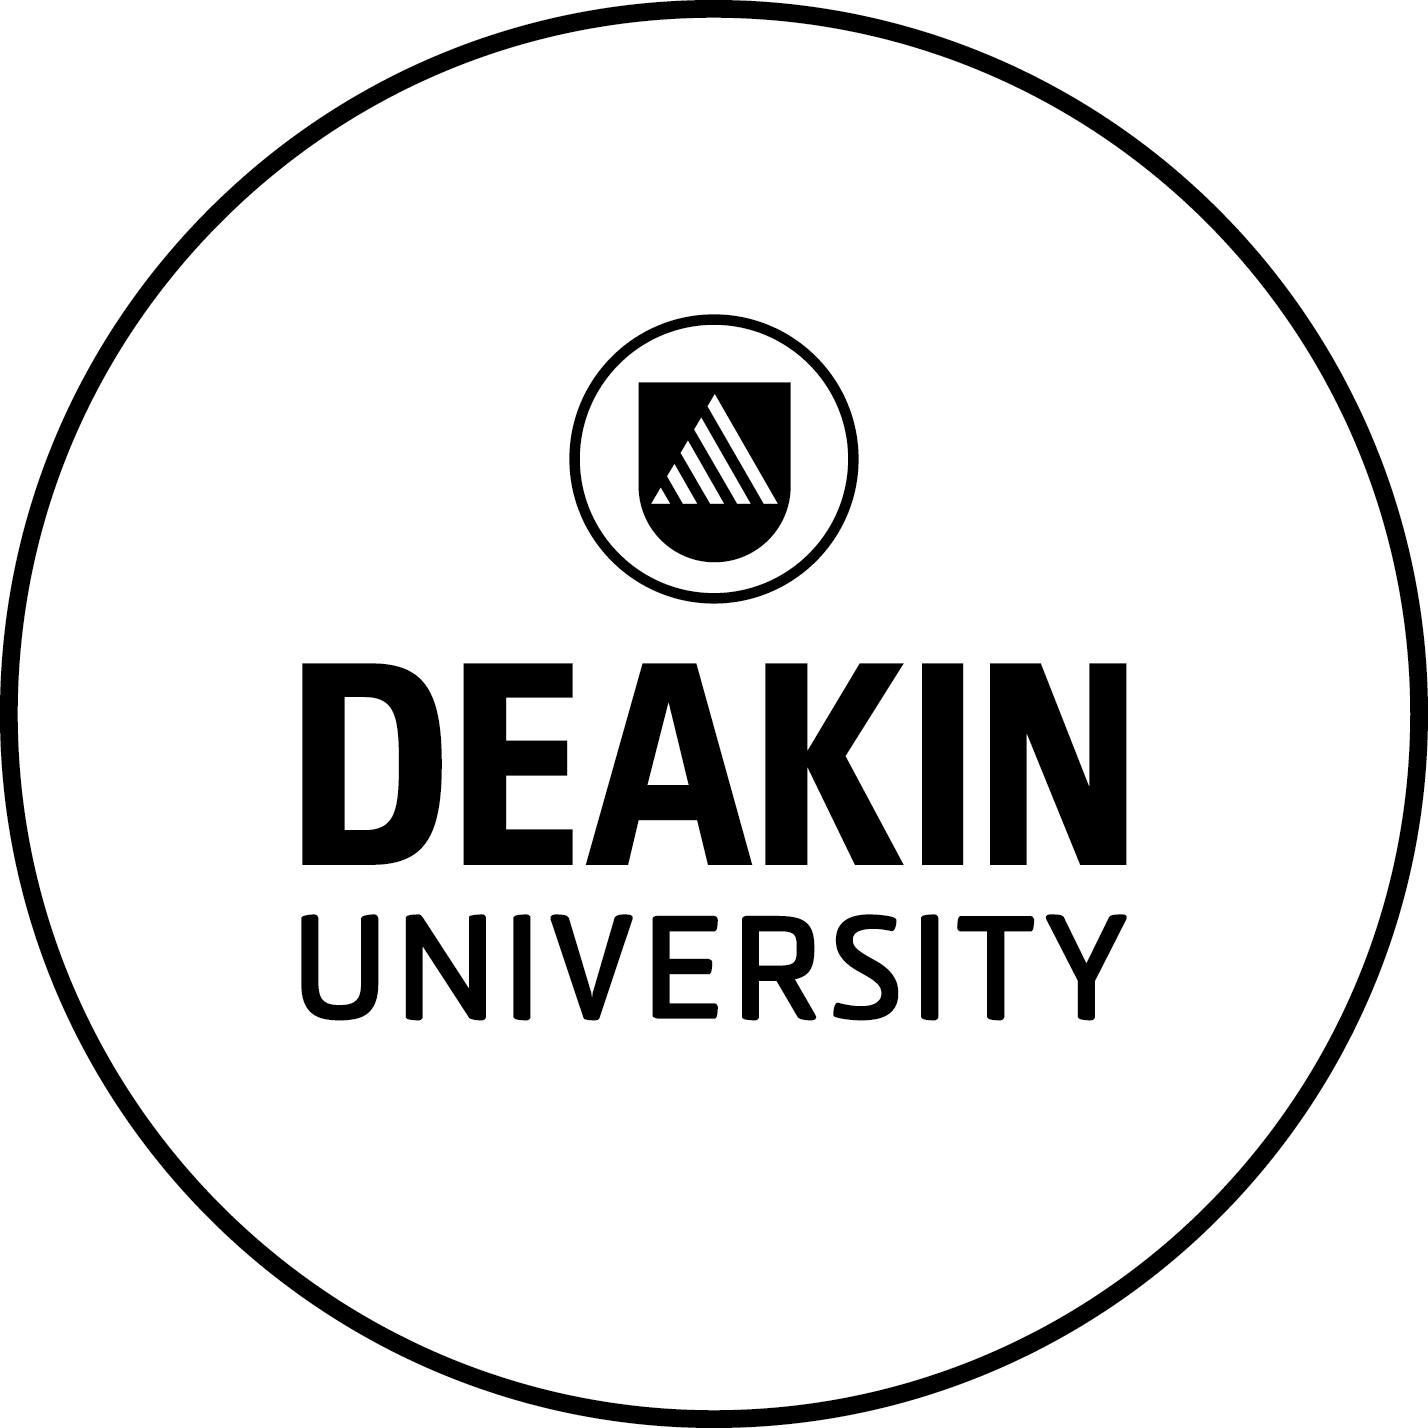 deakin-logo-space.jpg